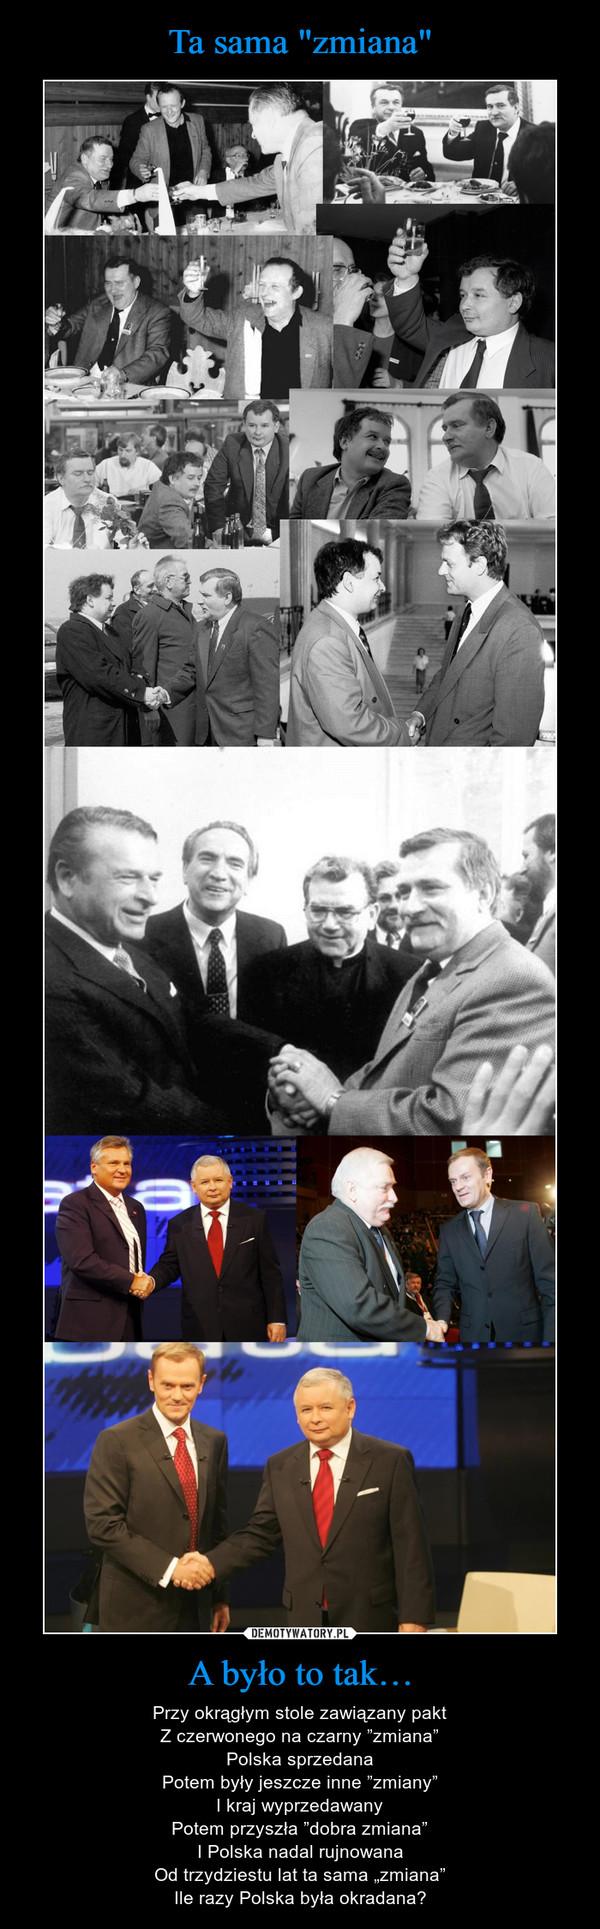 """A było to tak… – Przy okrągłym stole zawiązany paktZ czerwonego na czarny """"zmiana""""Polska sprzedanaPotem były jeszcze inne """"zmiany""""I kraj wyprzedawanyPotem przyszła """"dobra zmiana""""I Polska nadal rujnowanaOd trzydziestu lat ta sama """"zmiana""""Ile razy Polska była okradana?"""